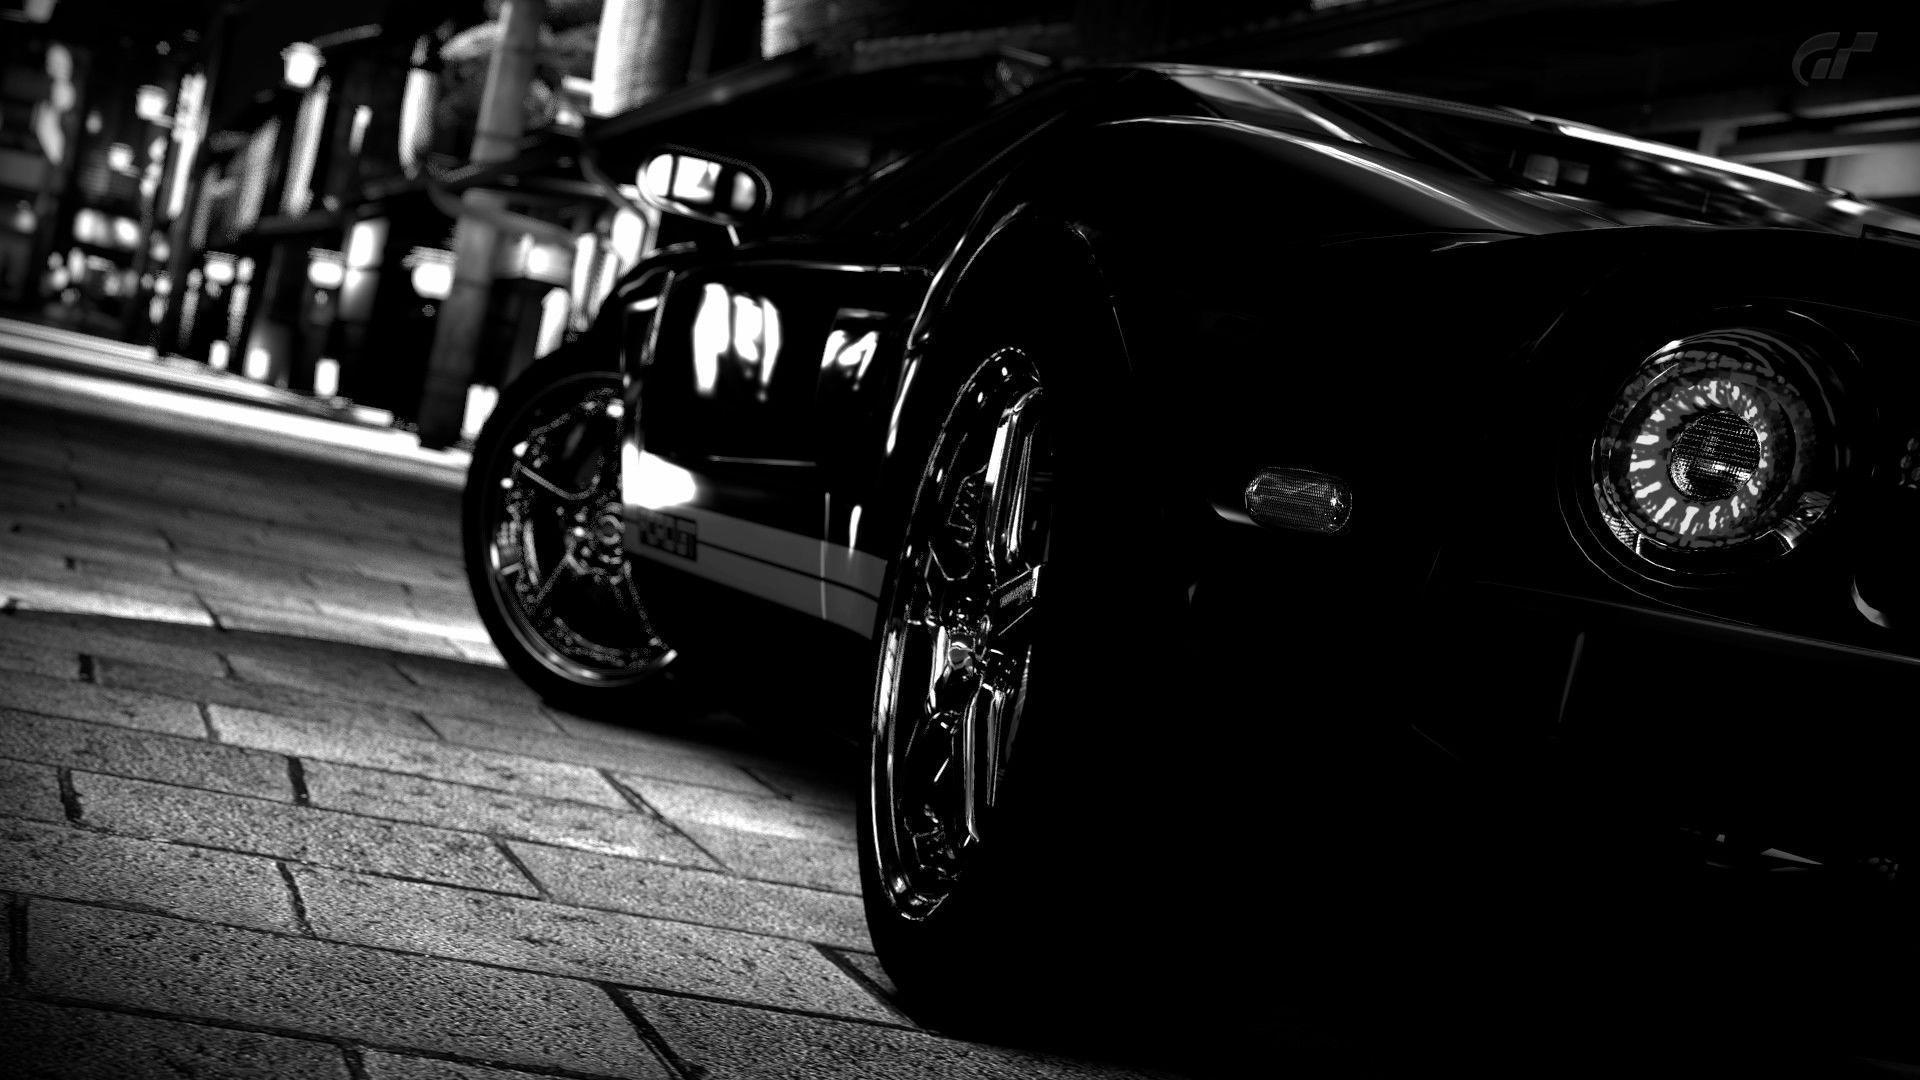 Bộ hình nền đen siêu xe thể thao